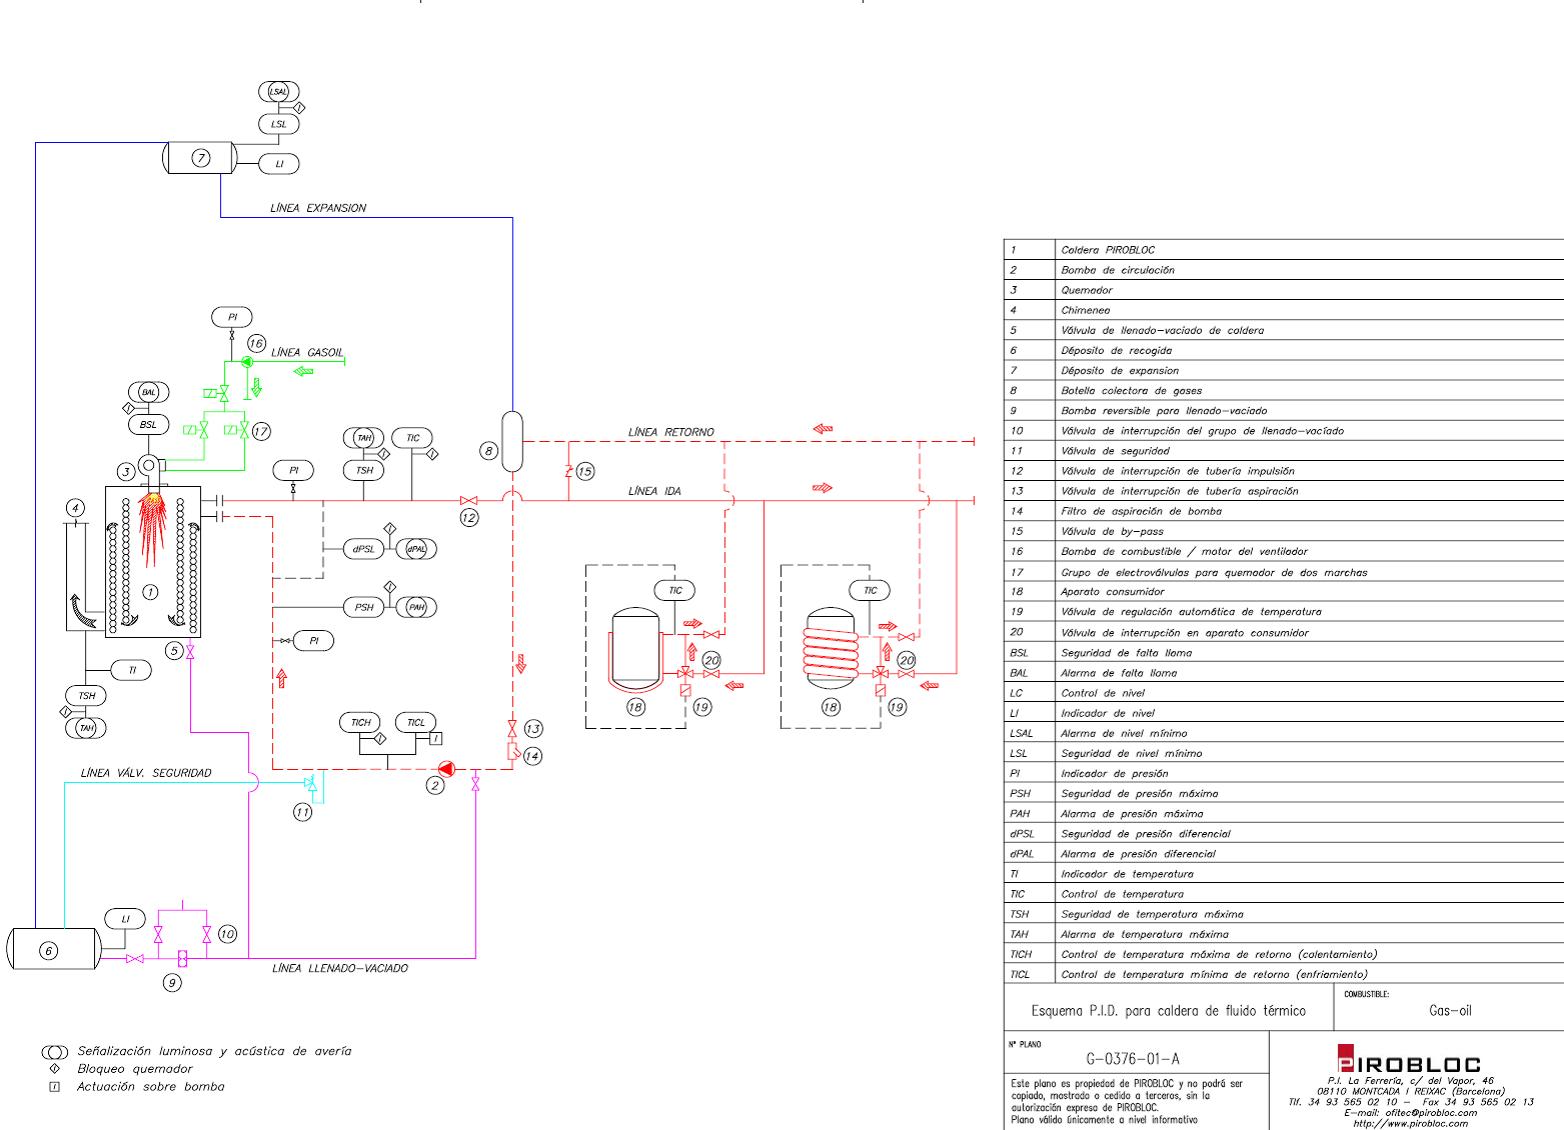 Quimica Pirobloc